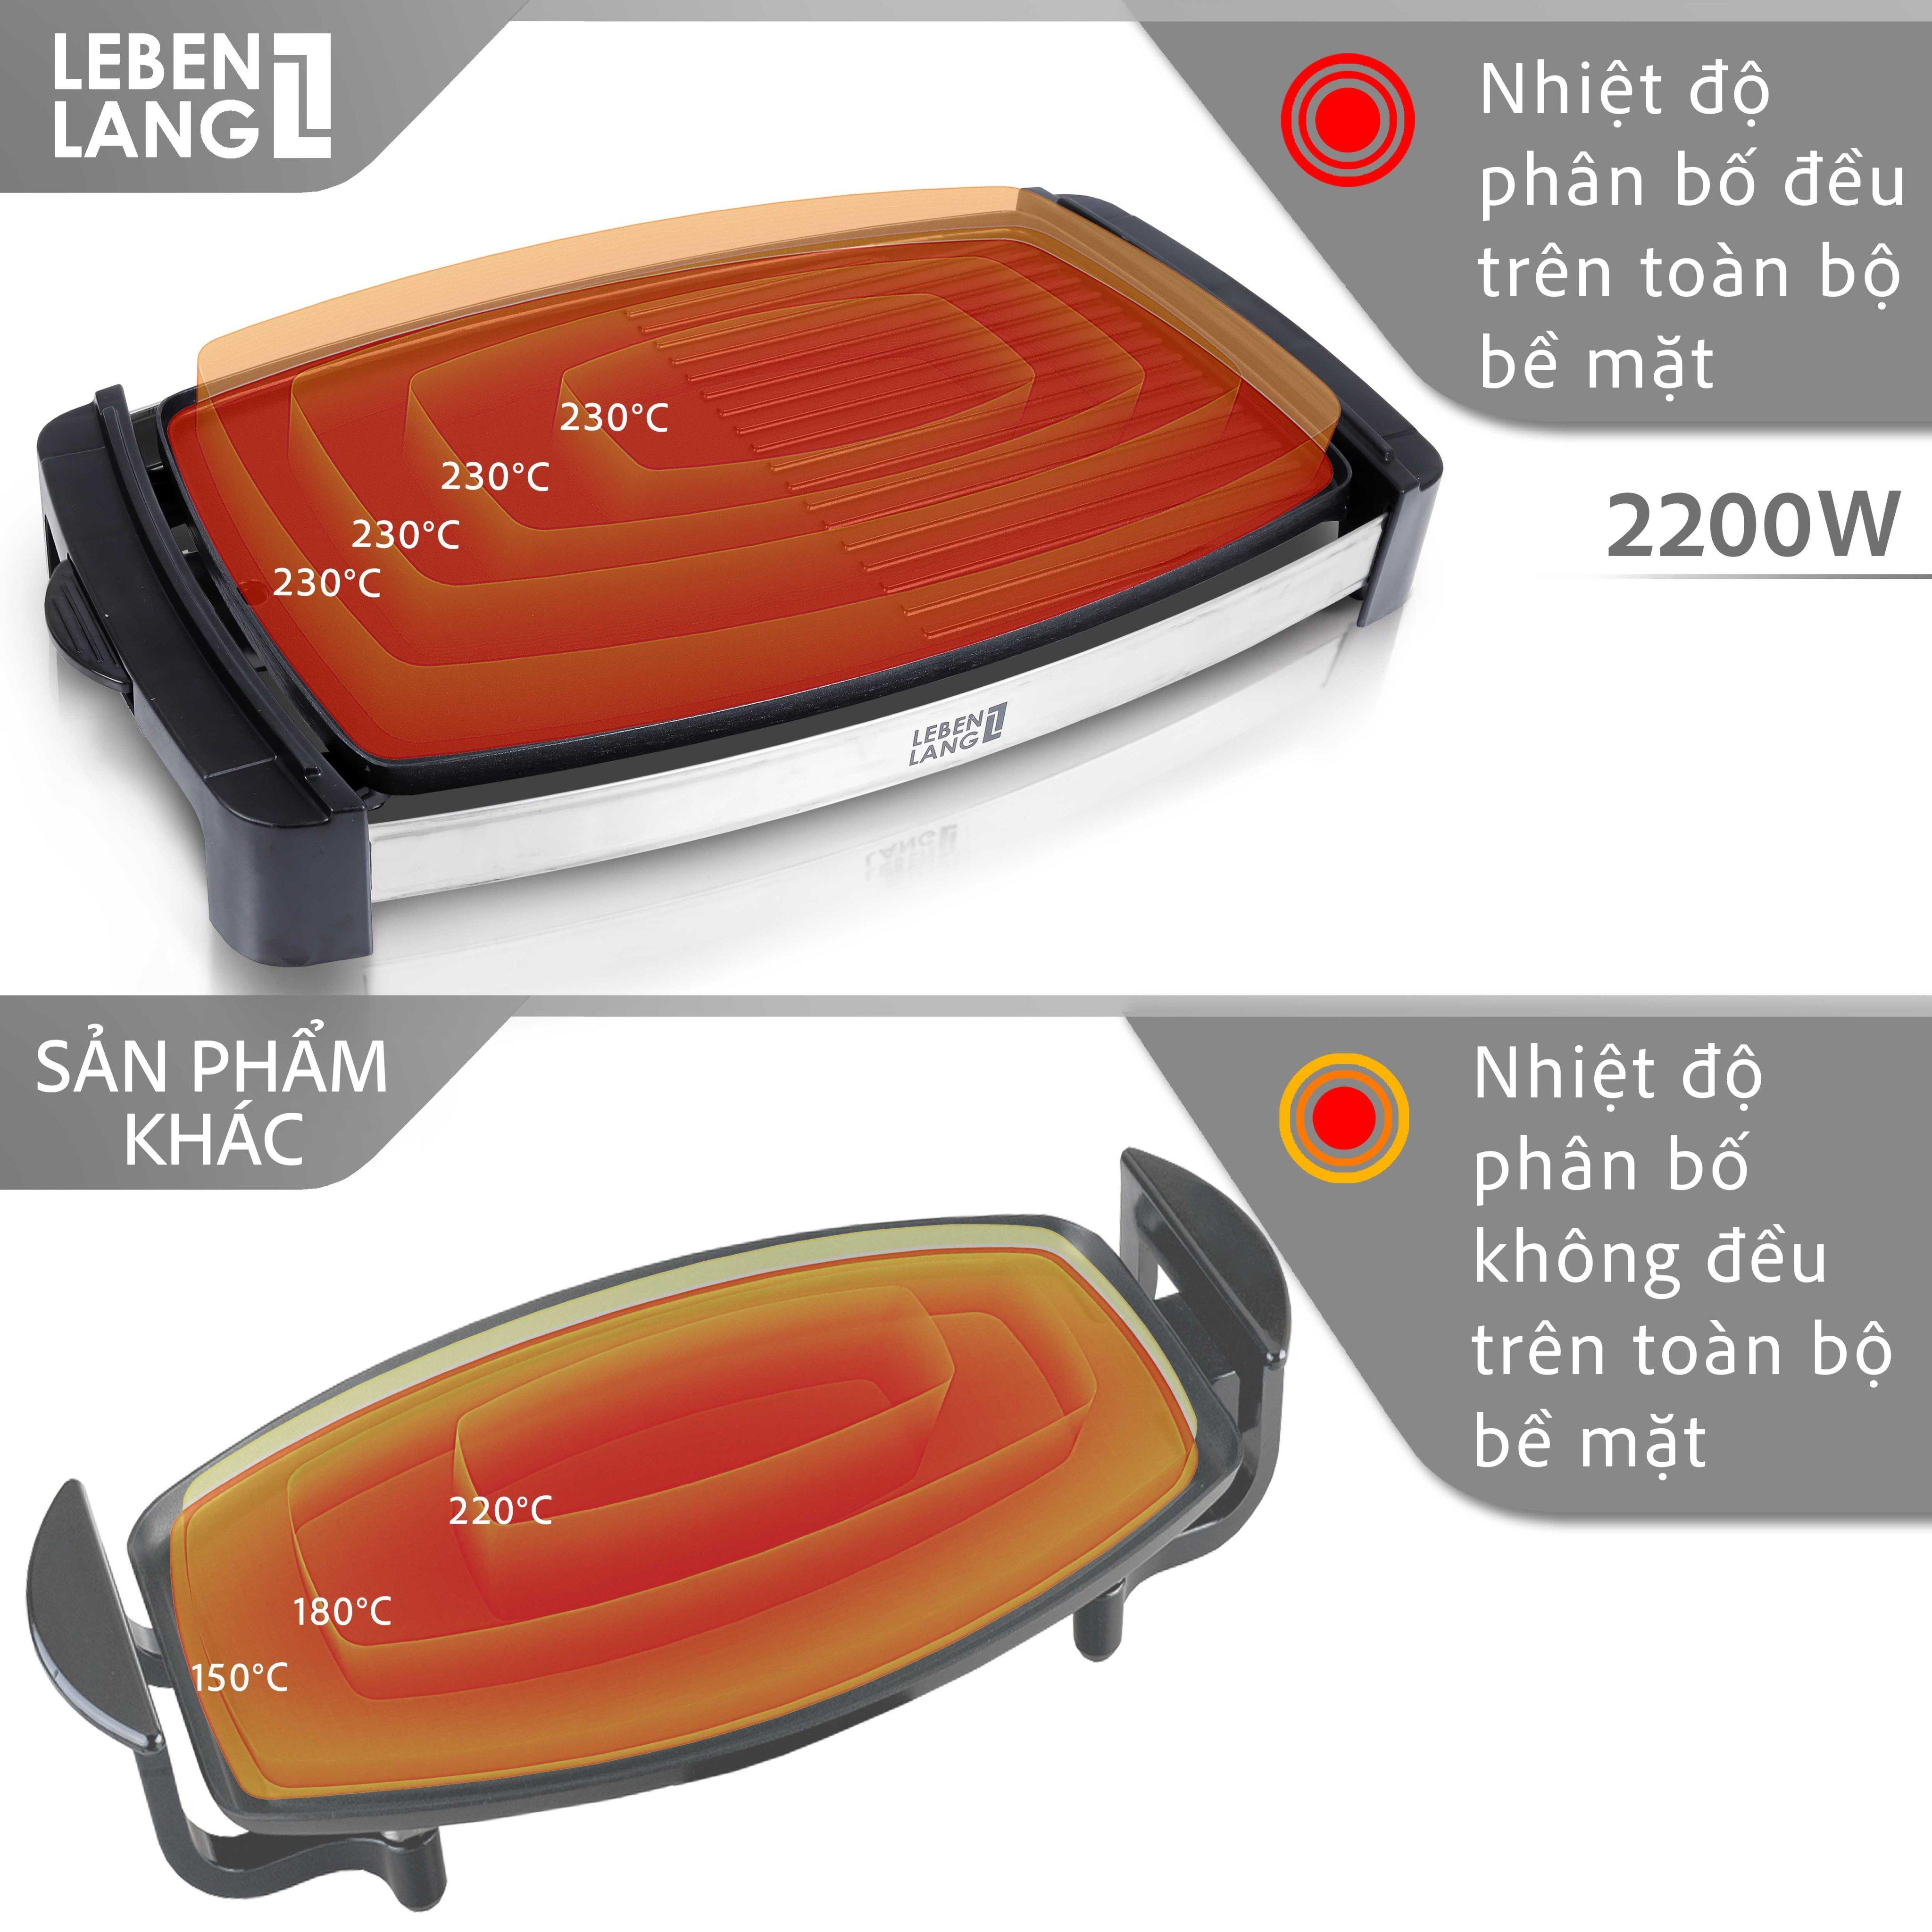 Bếp nướng điện Lebenlang LBG8588 - Thương hiệu của CHLB Đức